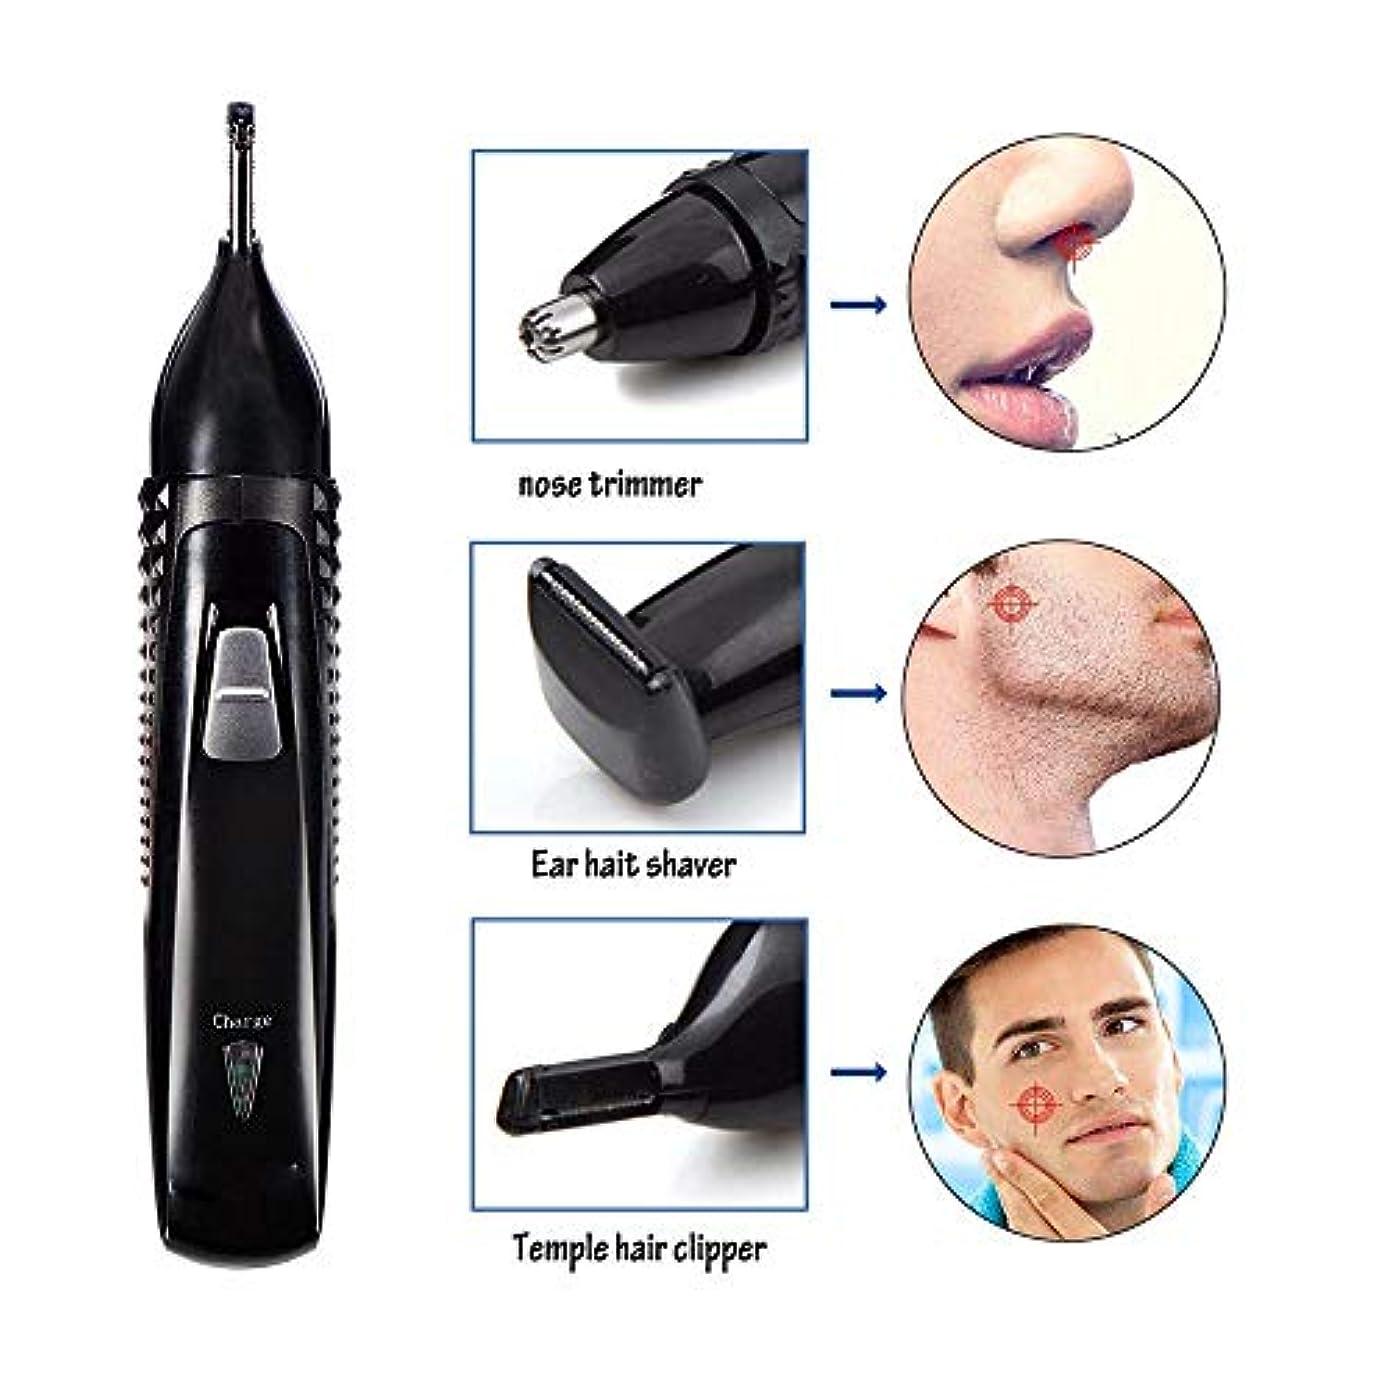 恐怖症盲目時計男性の女性のための電子鼻の耳の毛のトリマー、1で3つの充電式鼻の毛のトリマー鼻&耳の男性の耳鼻毛カッターの顔のケア